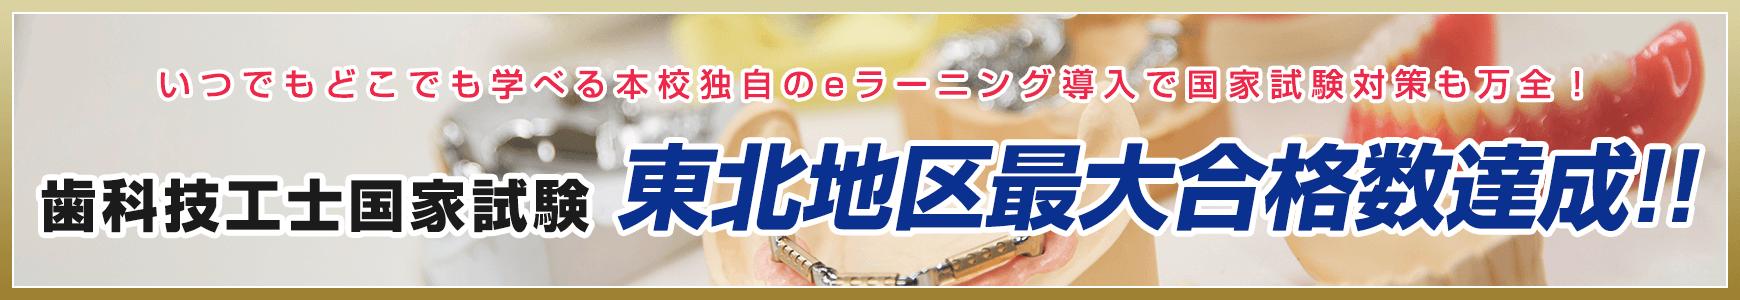 歯科技工士国家試験100%合格